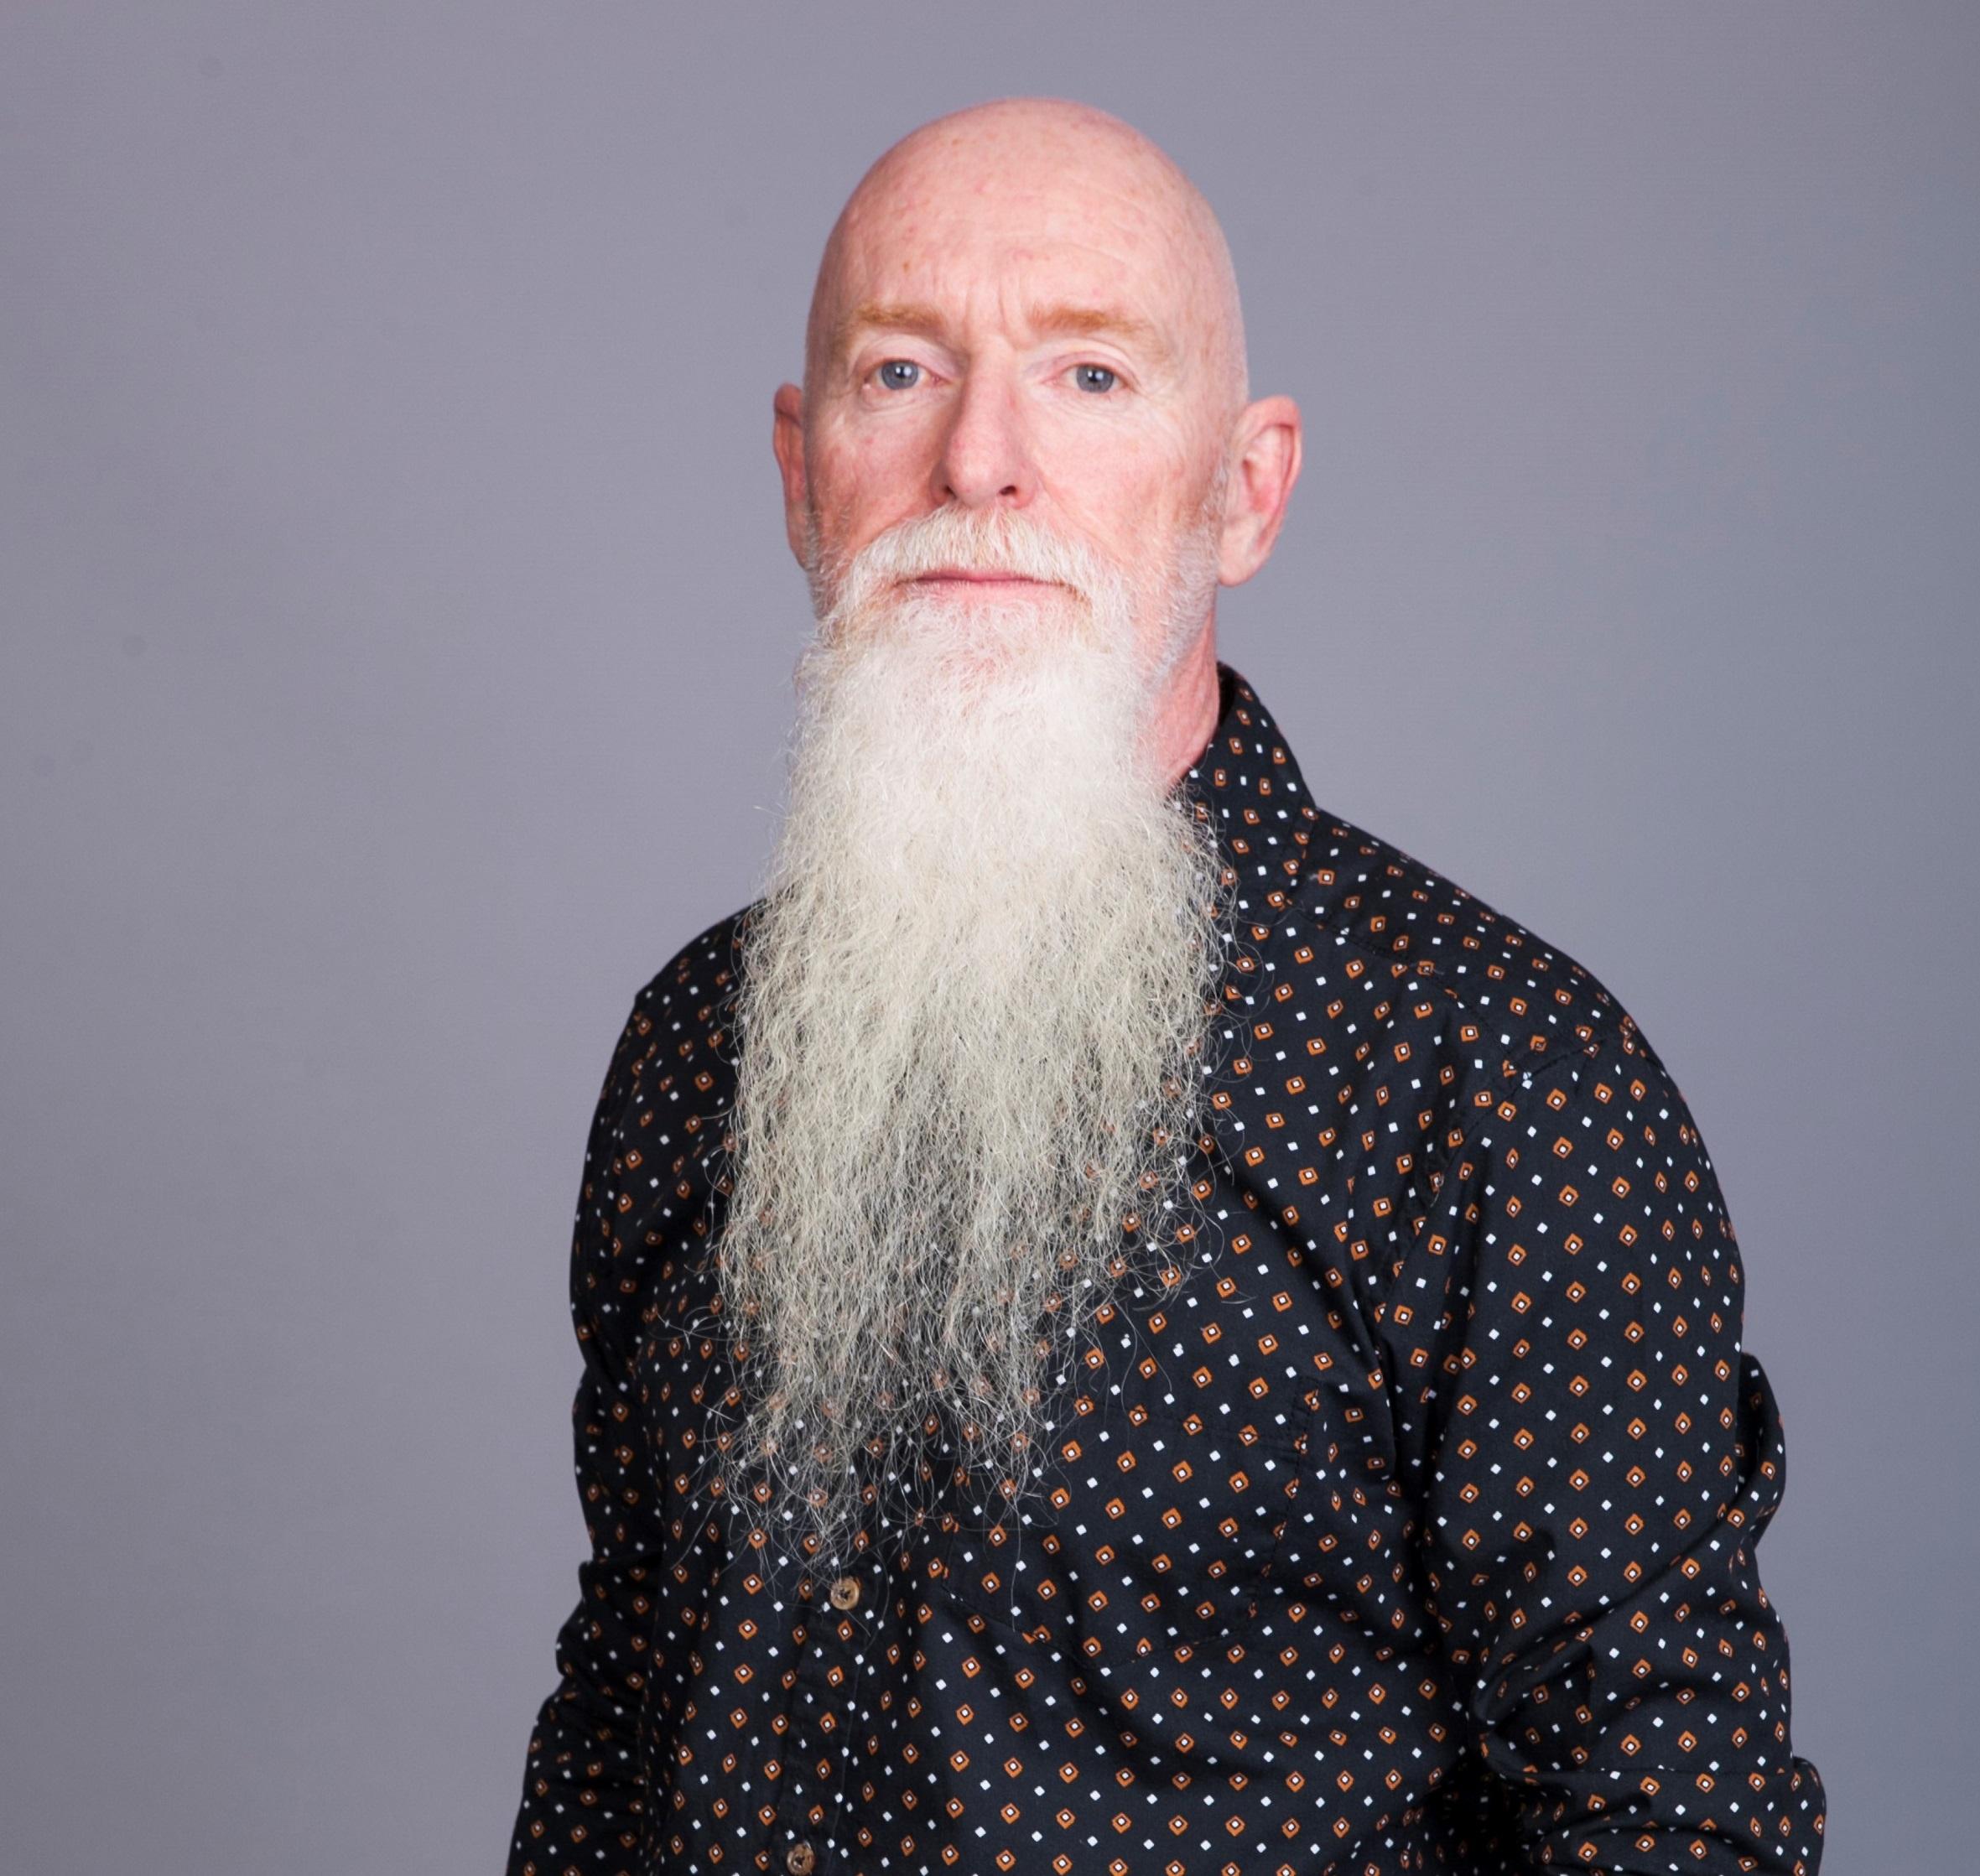 Mr Phillip Mulligan